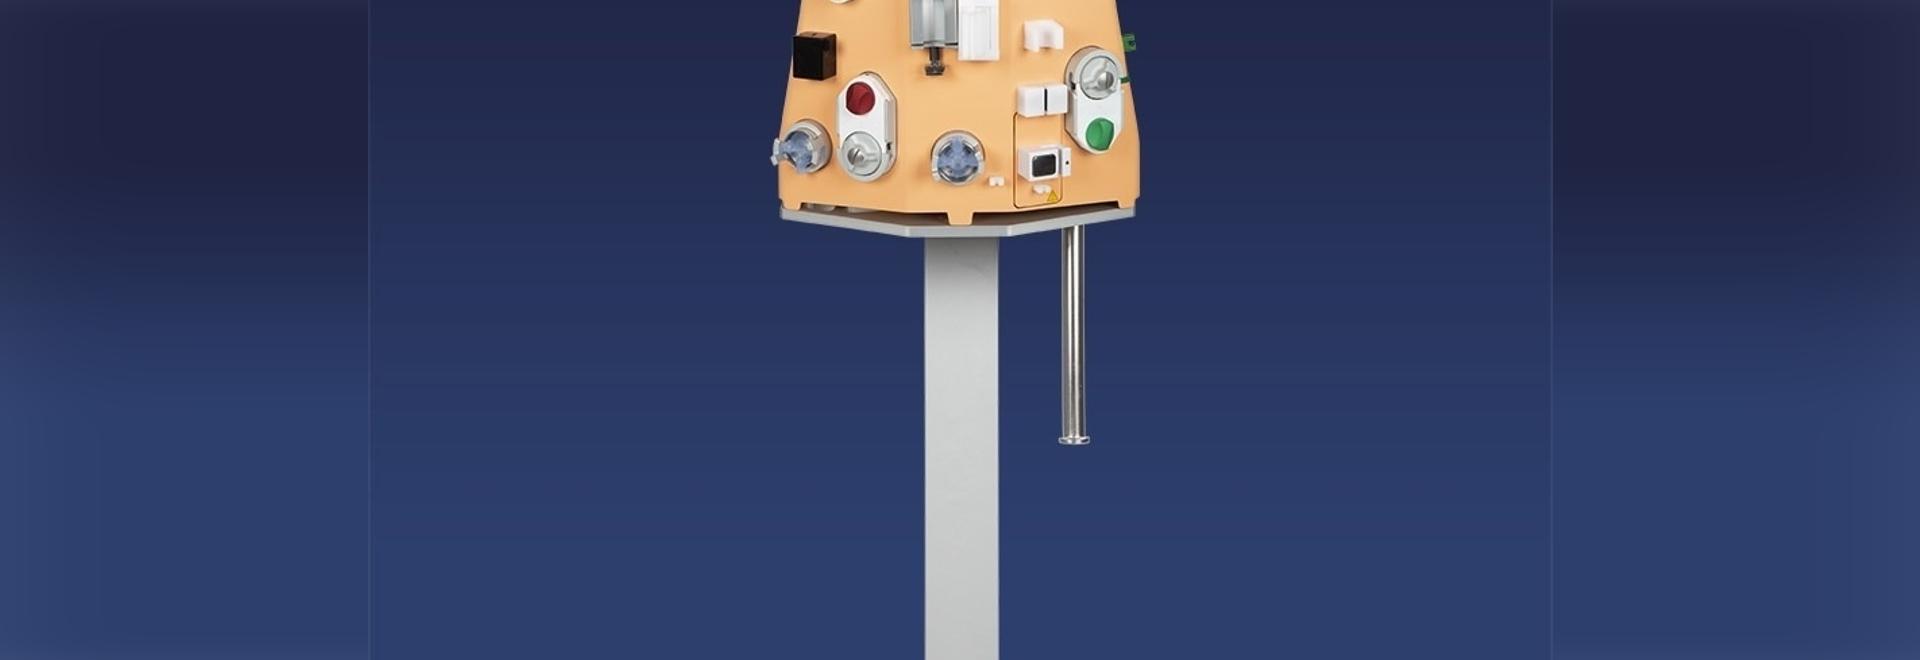 La première machine de dialyse aiguë dédiée à la pédiatrie et à la néonatalogie est sortie aux États-Unis.